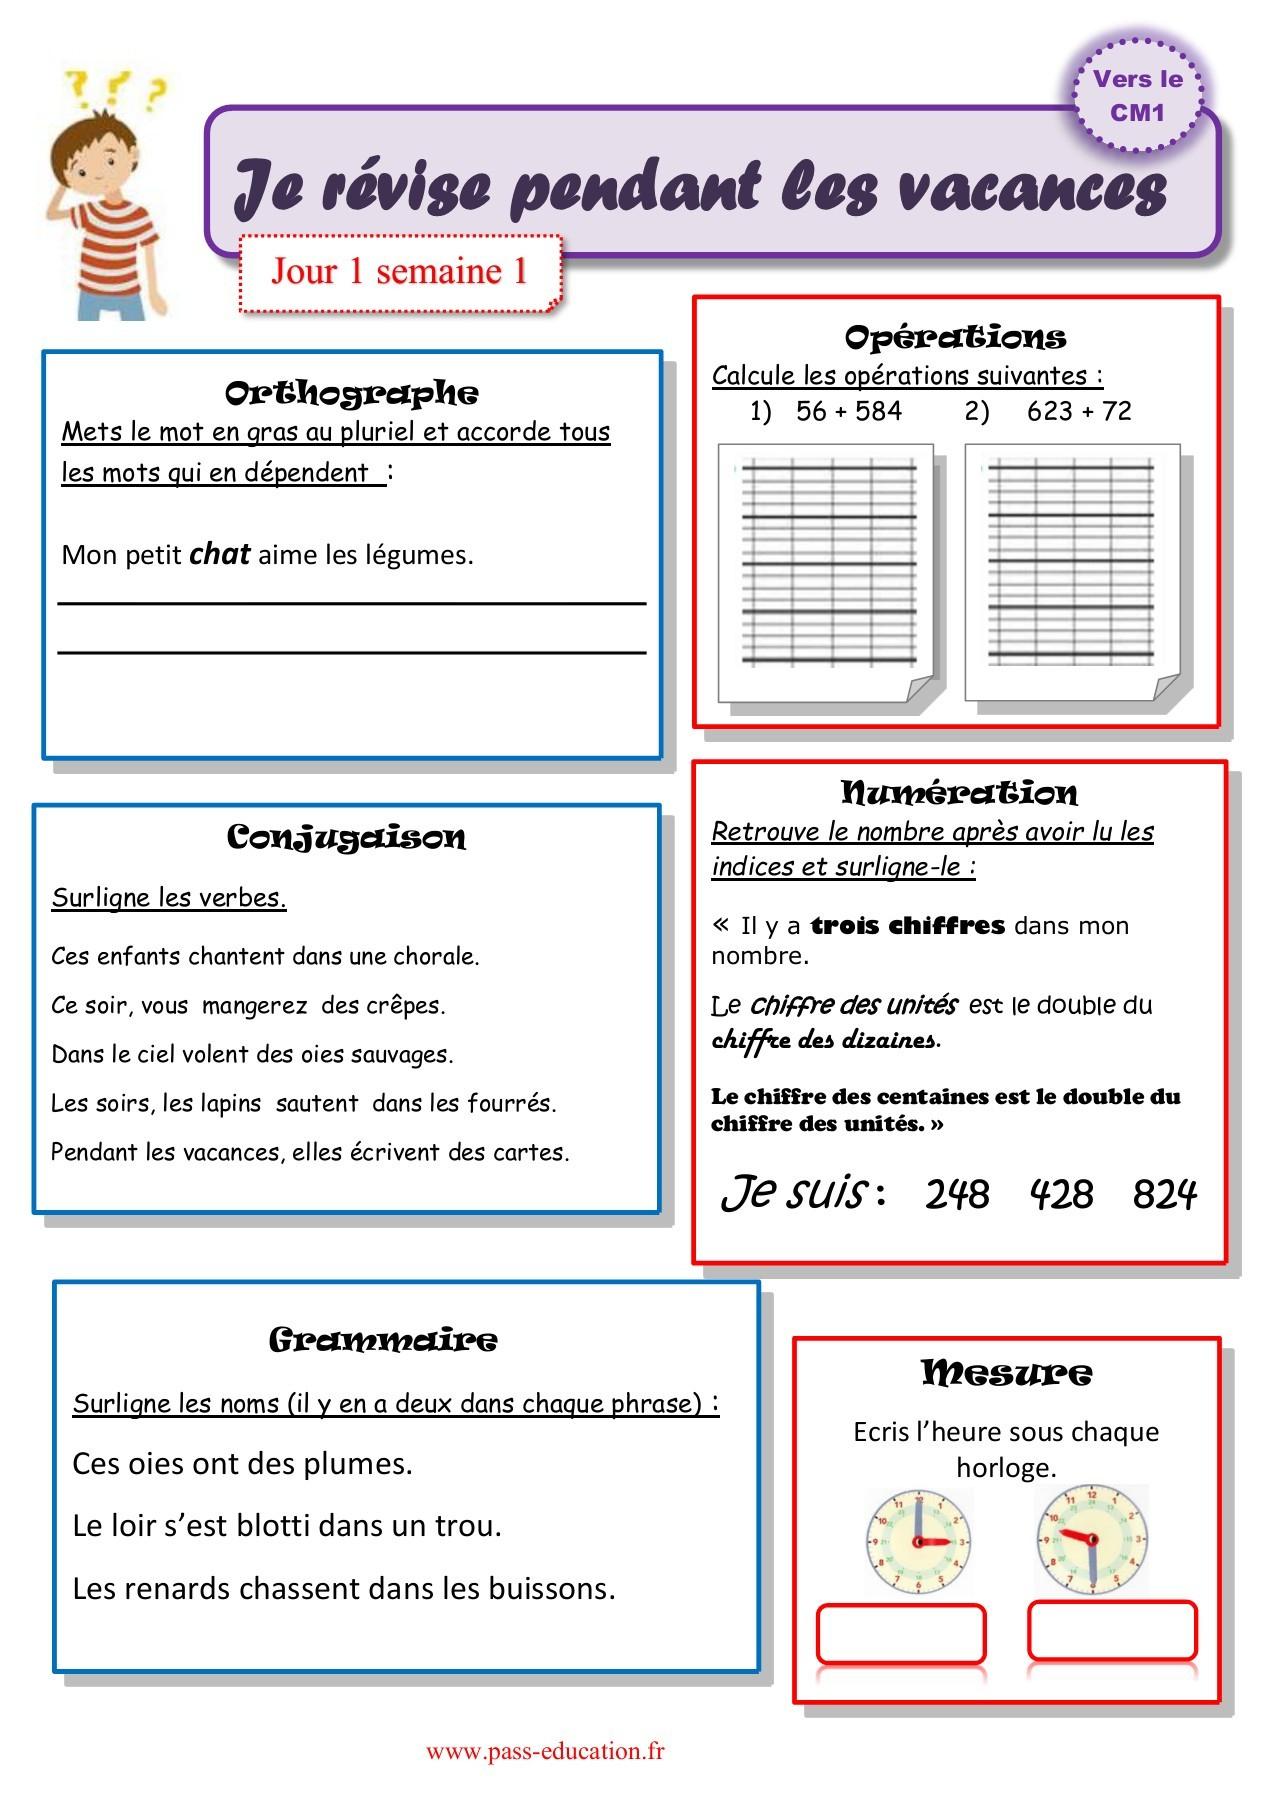 Cahier De Vacances Gratuit À Imprimer - Ce2 Vers Le Cm1 tout Rebus A Imprimer Gratuitement